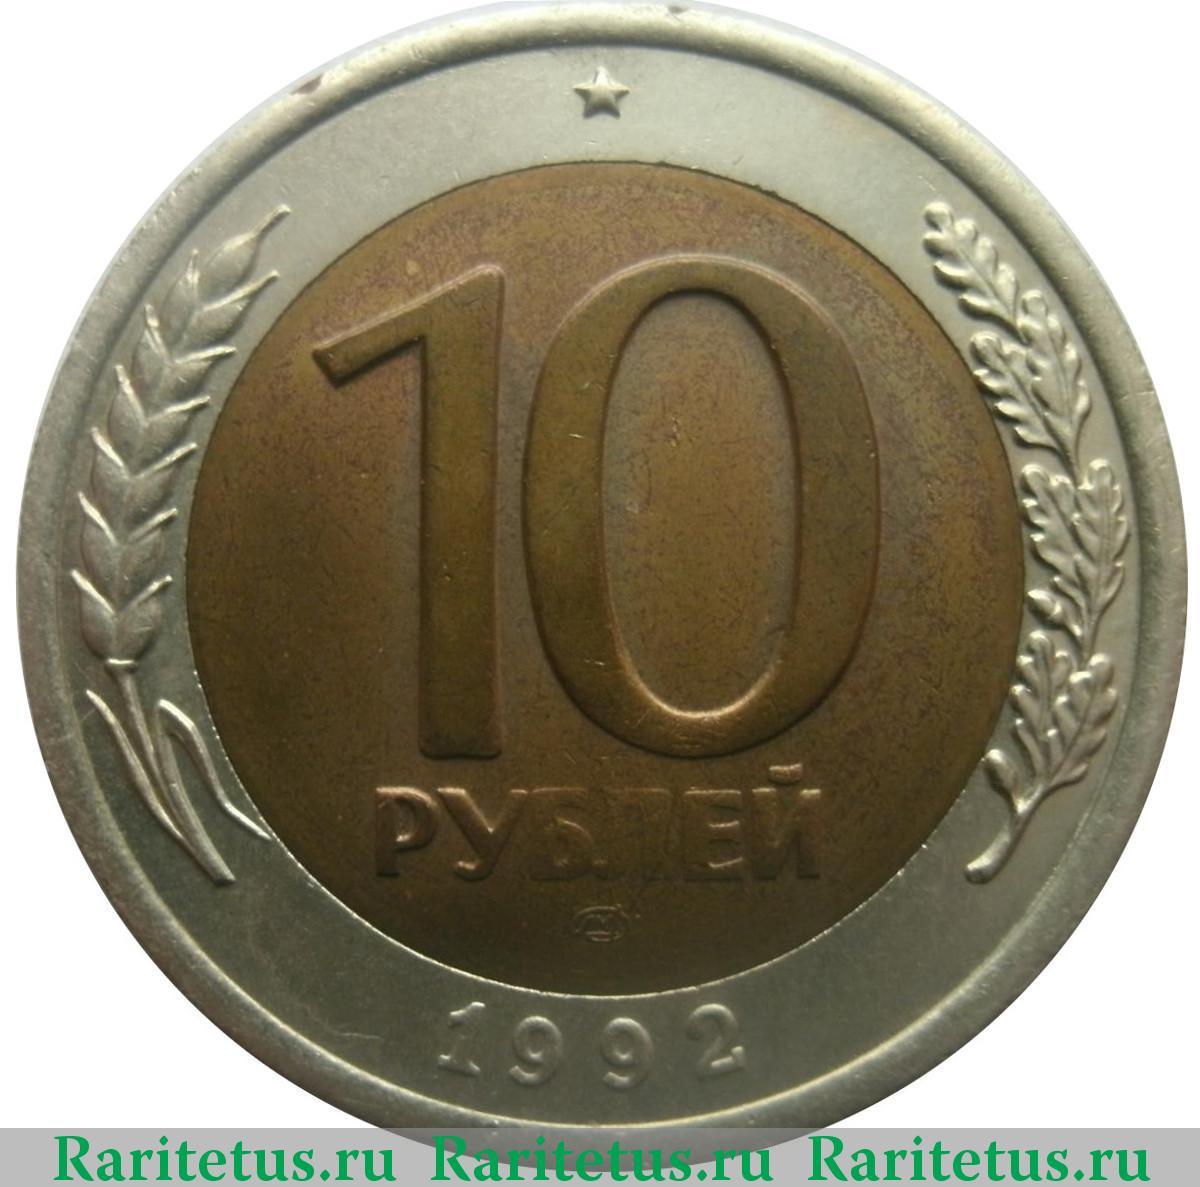 10 рублей 1992 года цена продать награда мороженое мясо